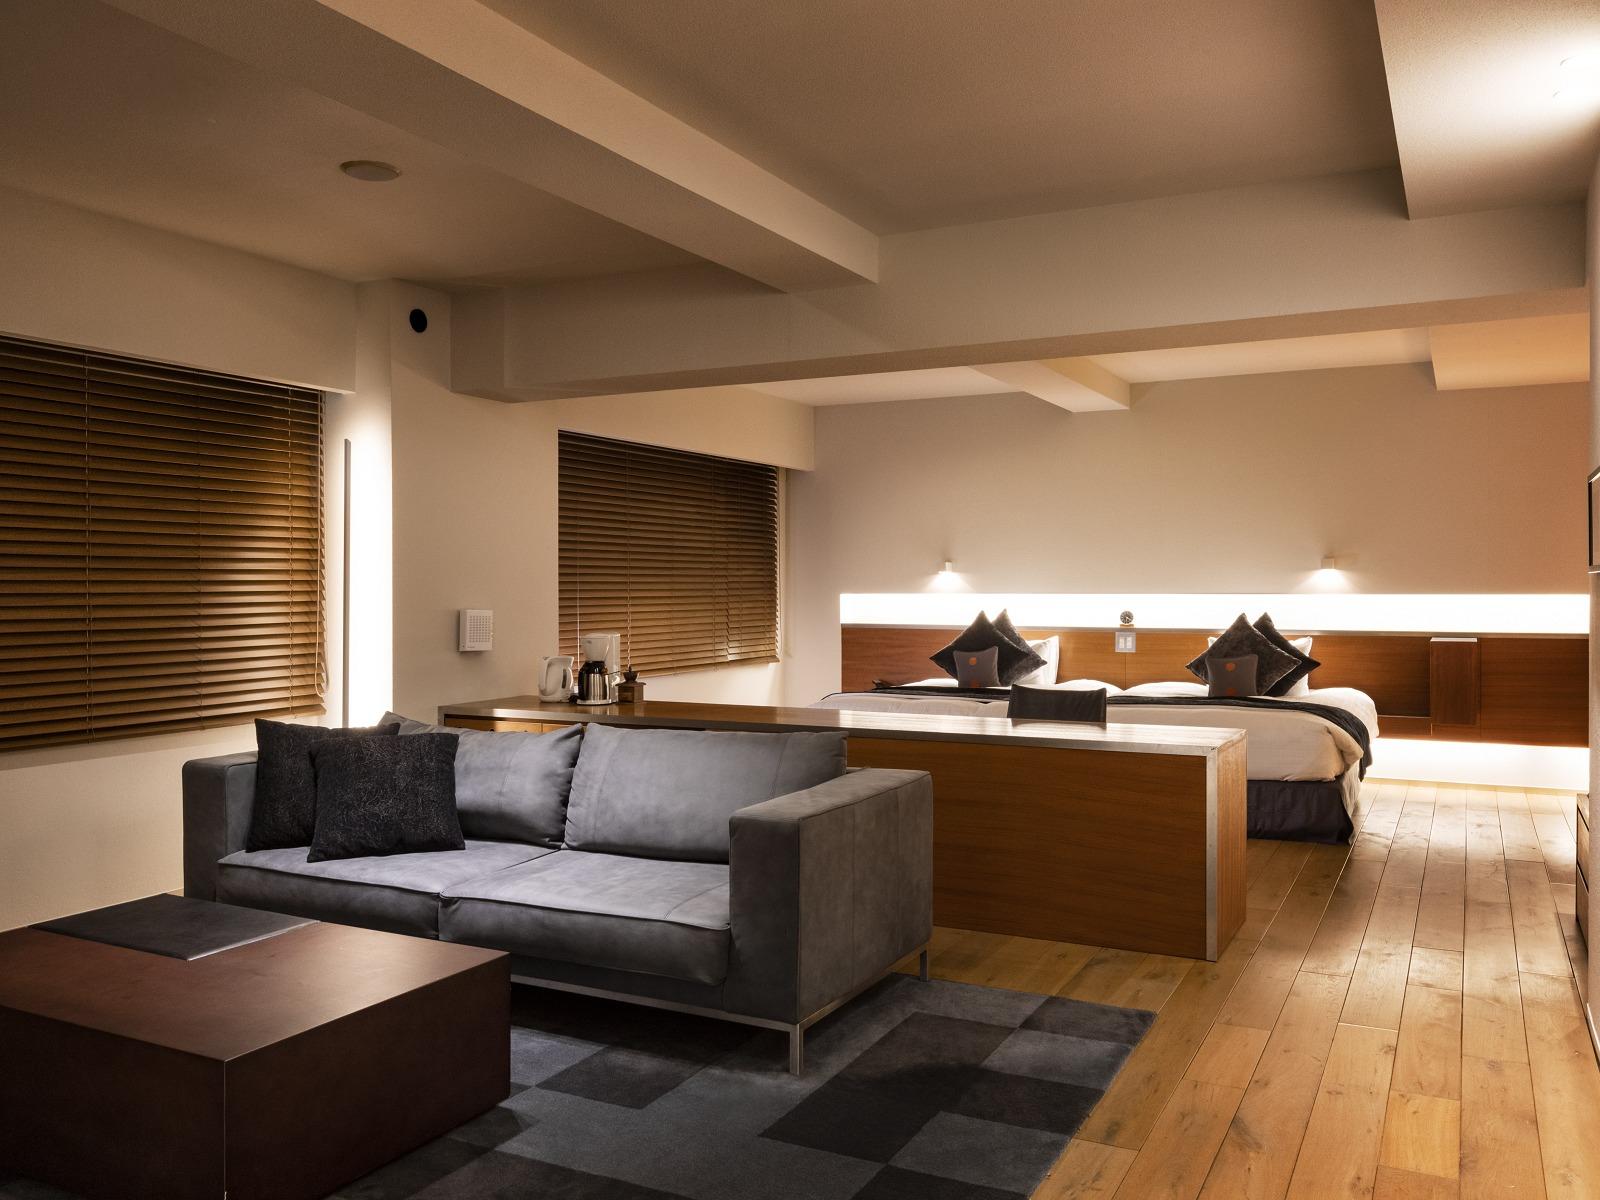 望楼NOGUCHI登別 / 【スタンダード】スイートルームで過ごす大人のプライベート空間(70平米・客室展望温泉風呂付)